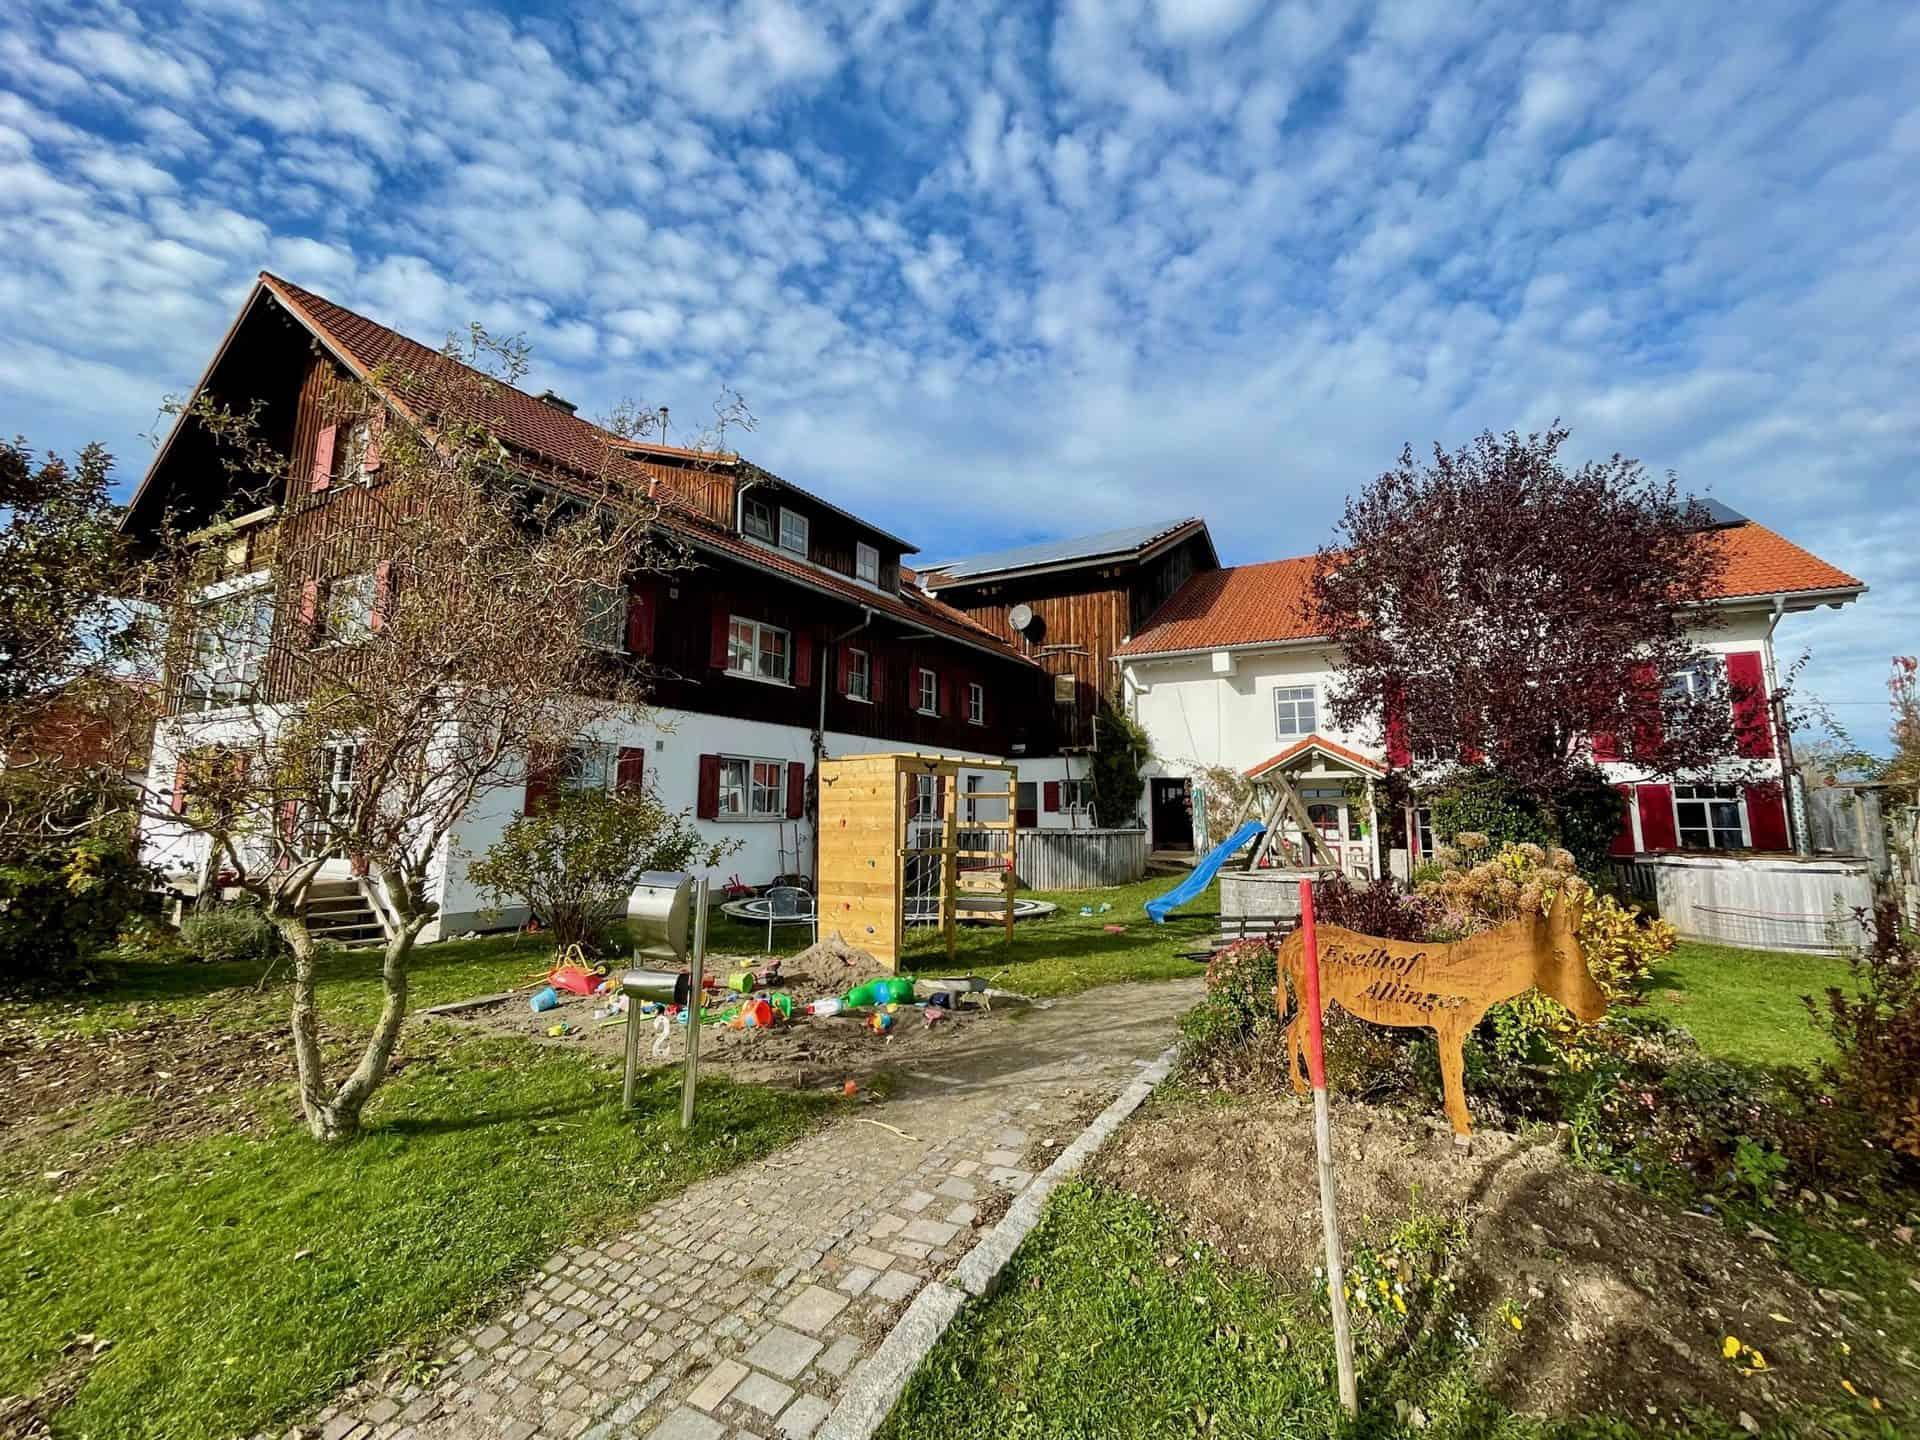 Eselhof-Allinger-Der-Bauernhof